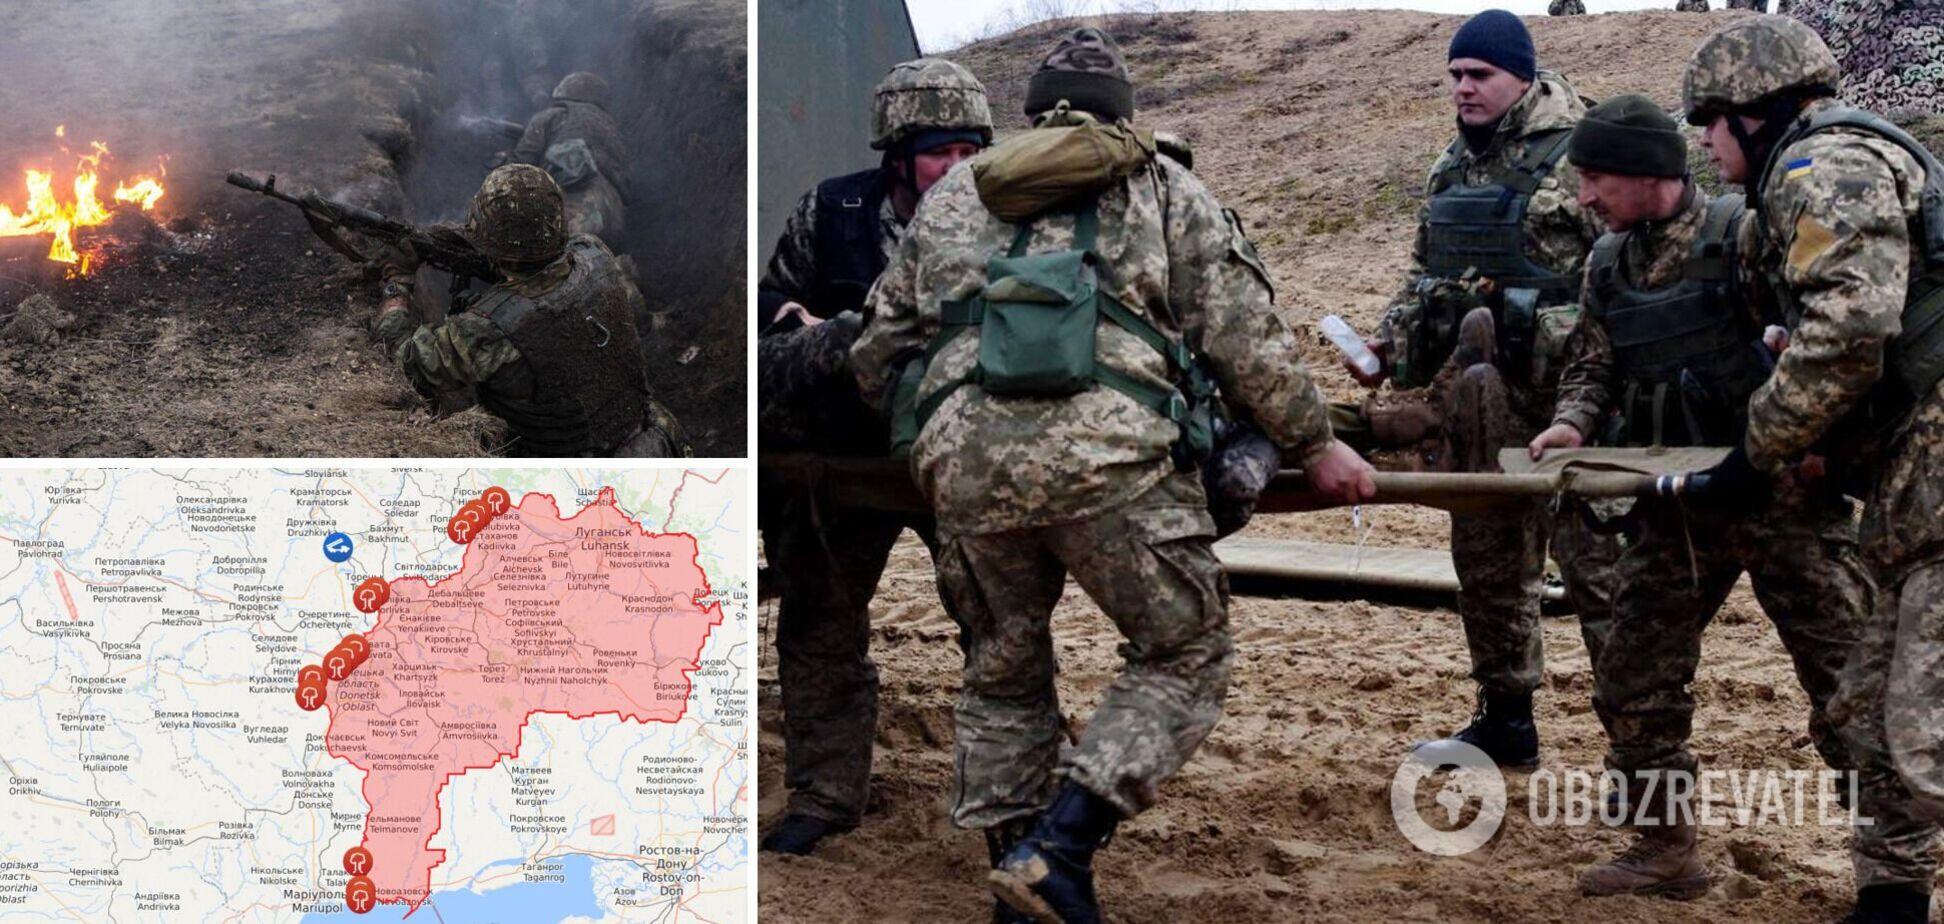 Наемники РФ ранили бойца ВСУ: в штабе ООС рассказали об обстрелах на Донбассе